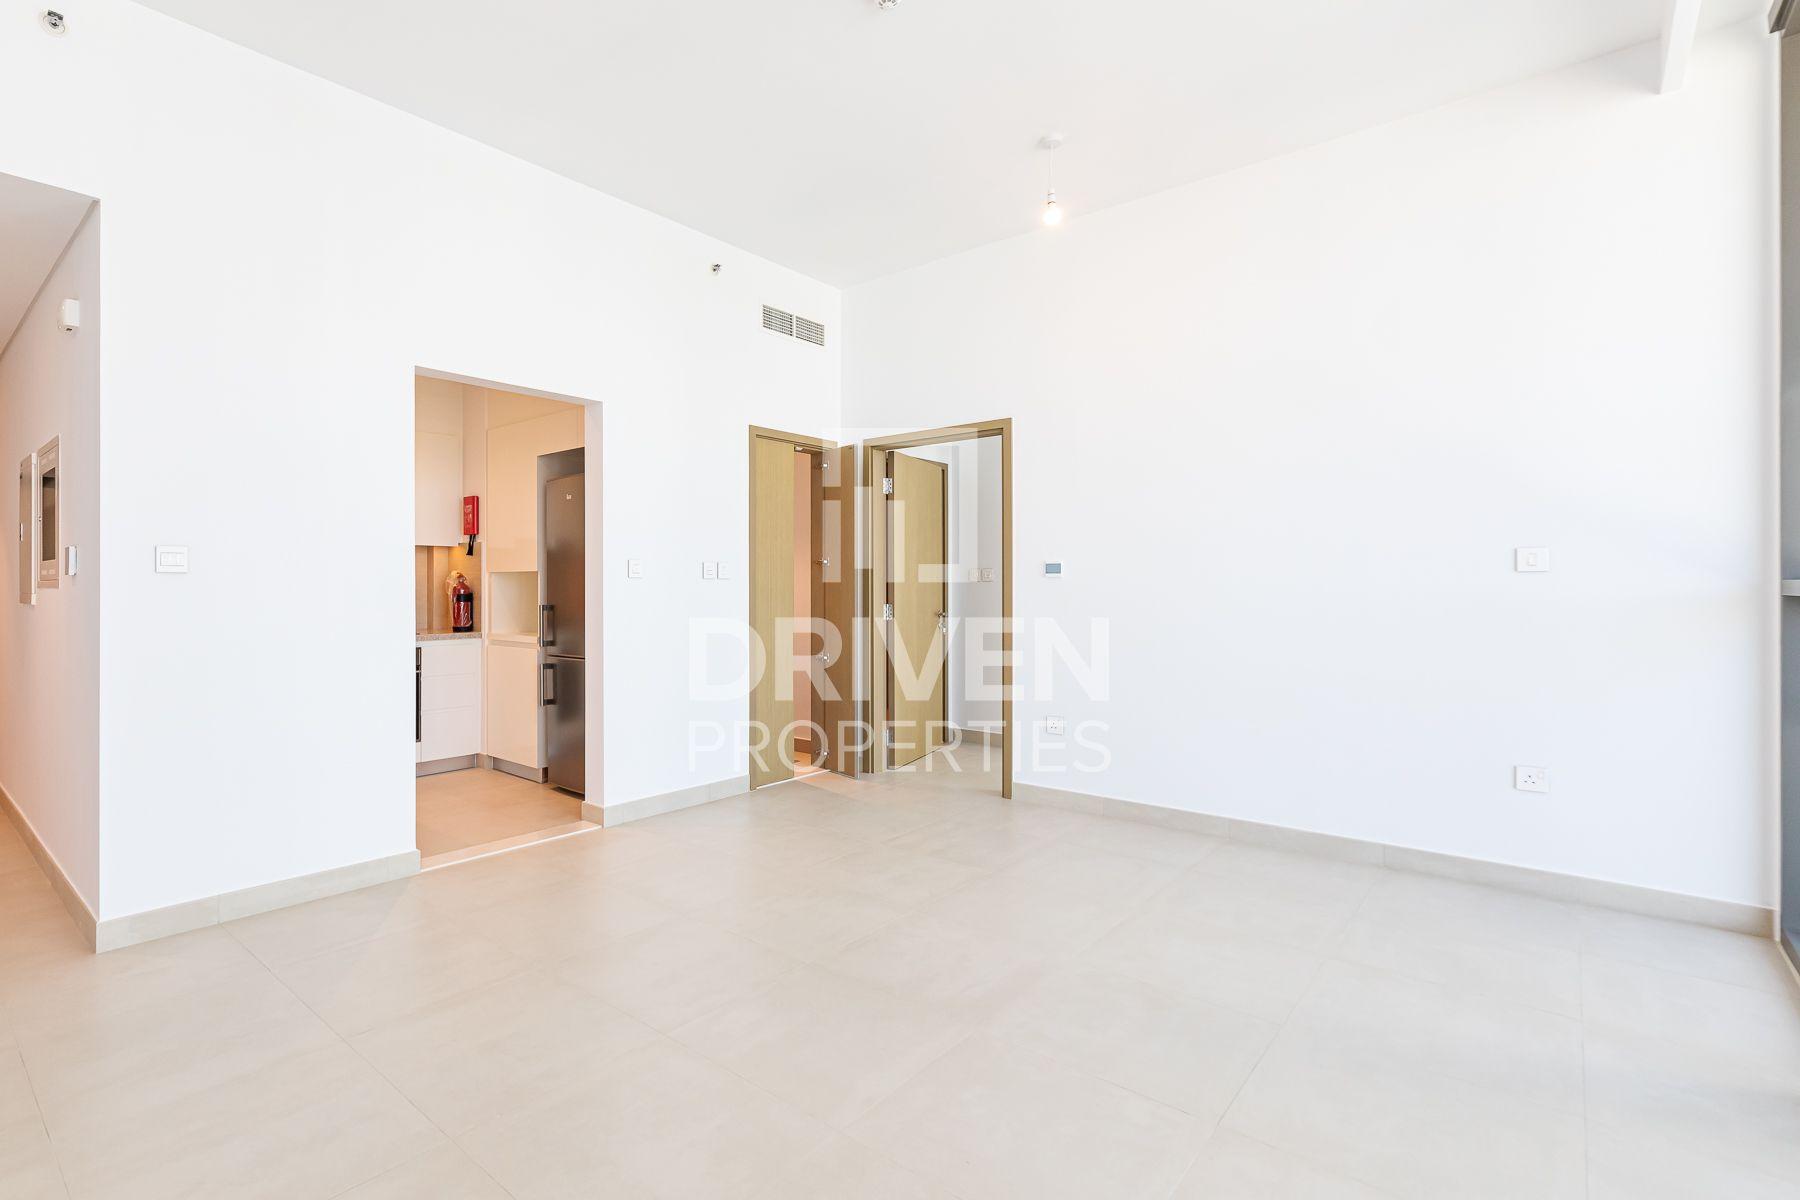 753 قدم مربع  شقة - للبيع - دبي وسط المدينة